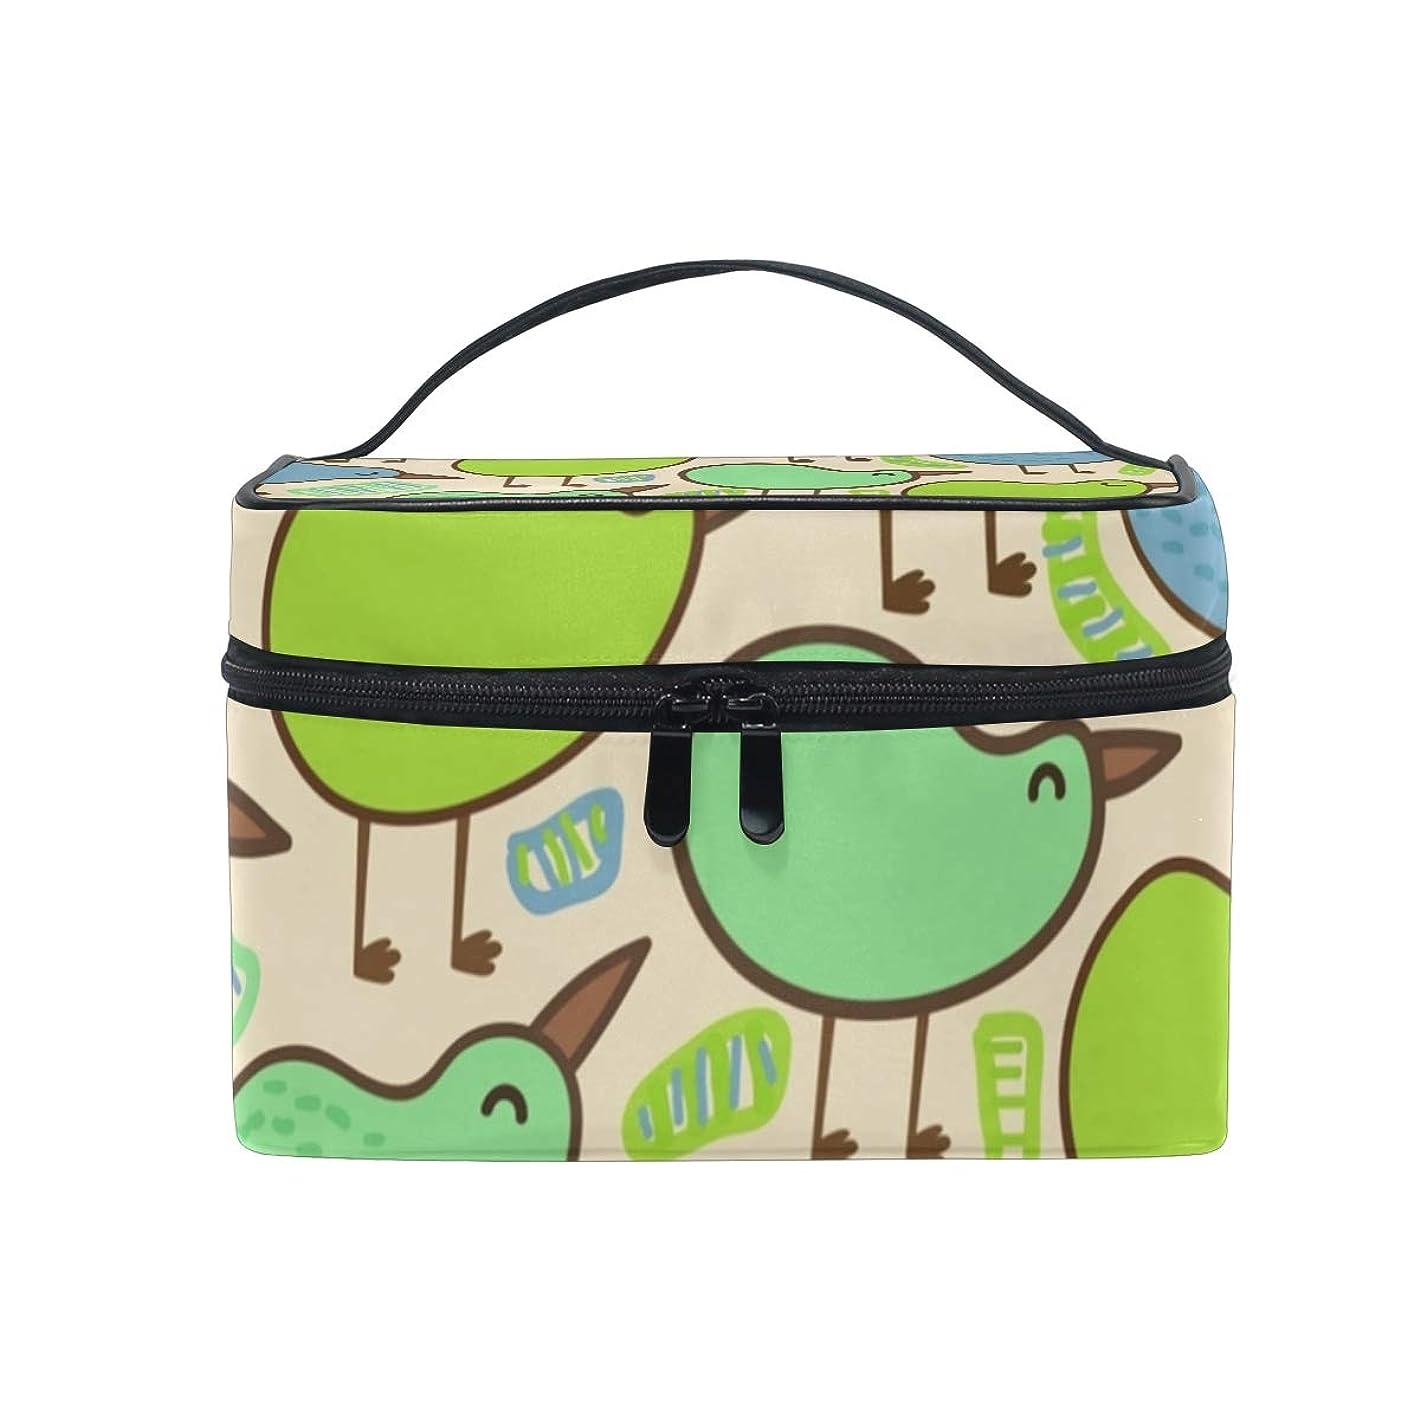 自発的放射能きらきらメイクボックス キウイ 鳥柄 化粧ポーチ 化粧品 化粧道具 小物入れ メイクブラシバッグ 大容量 旅行用 収納ケース